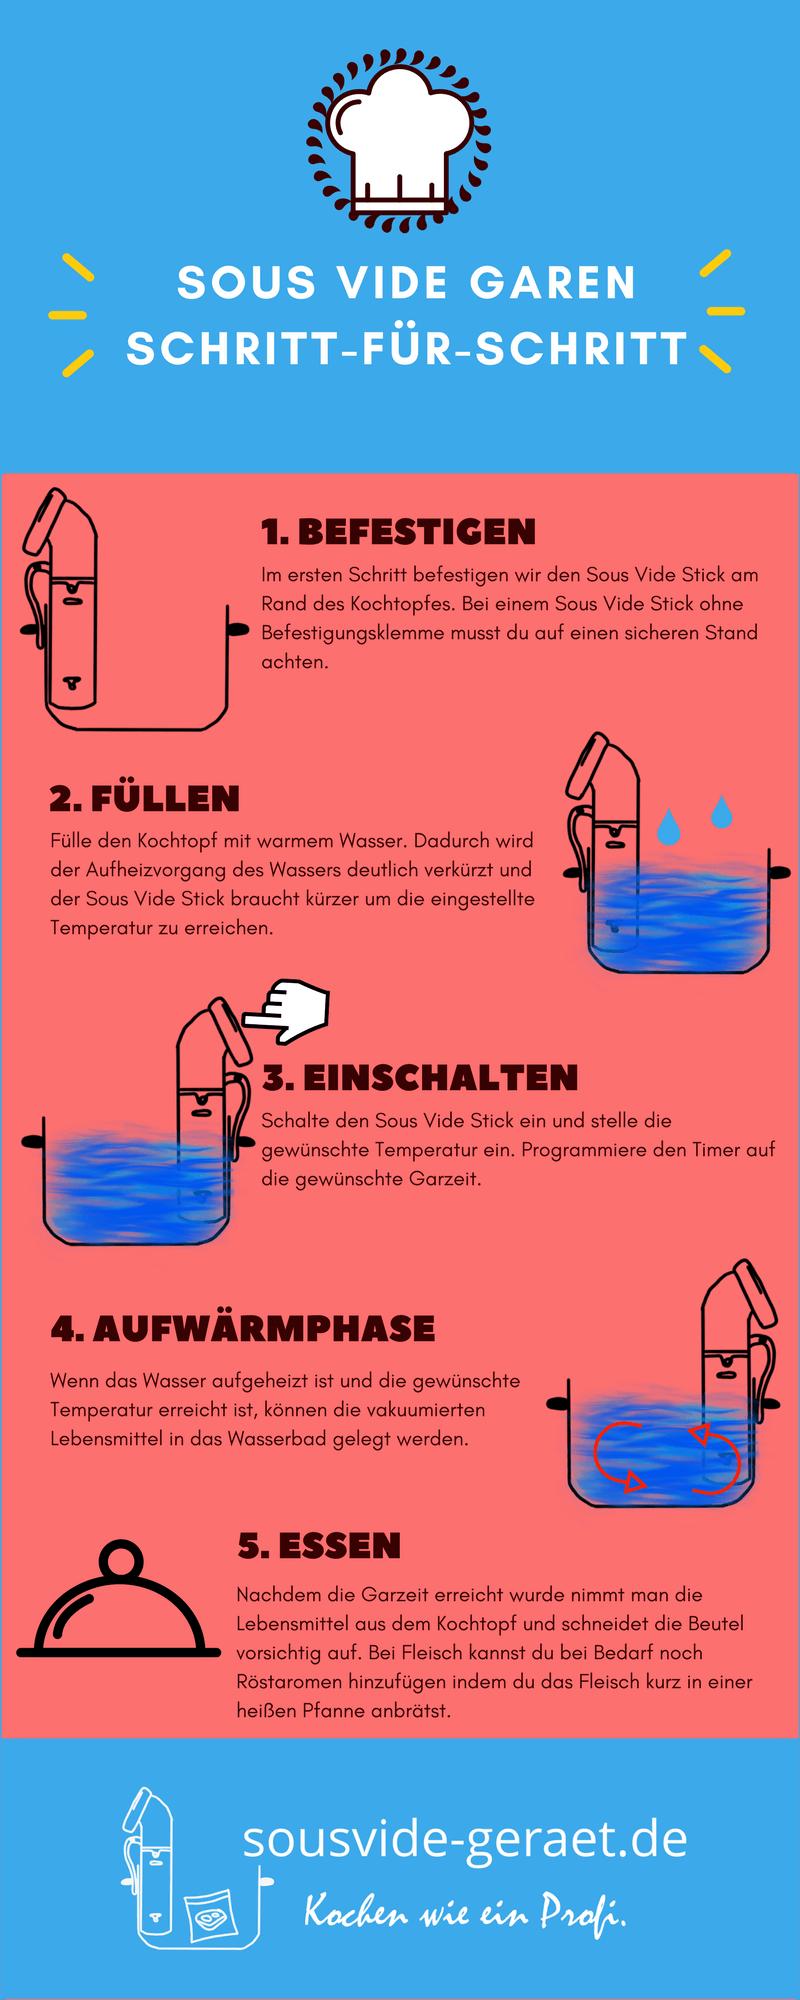 Sous Vide Garen Anleitung Schritt für Schritt Infografik